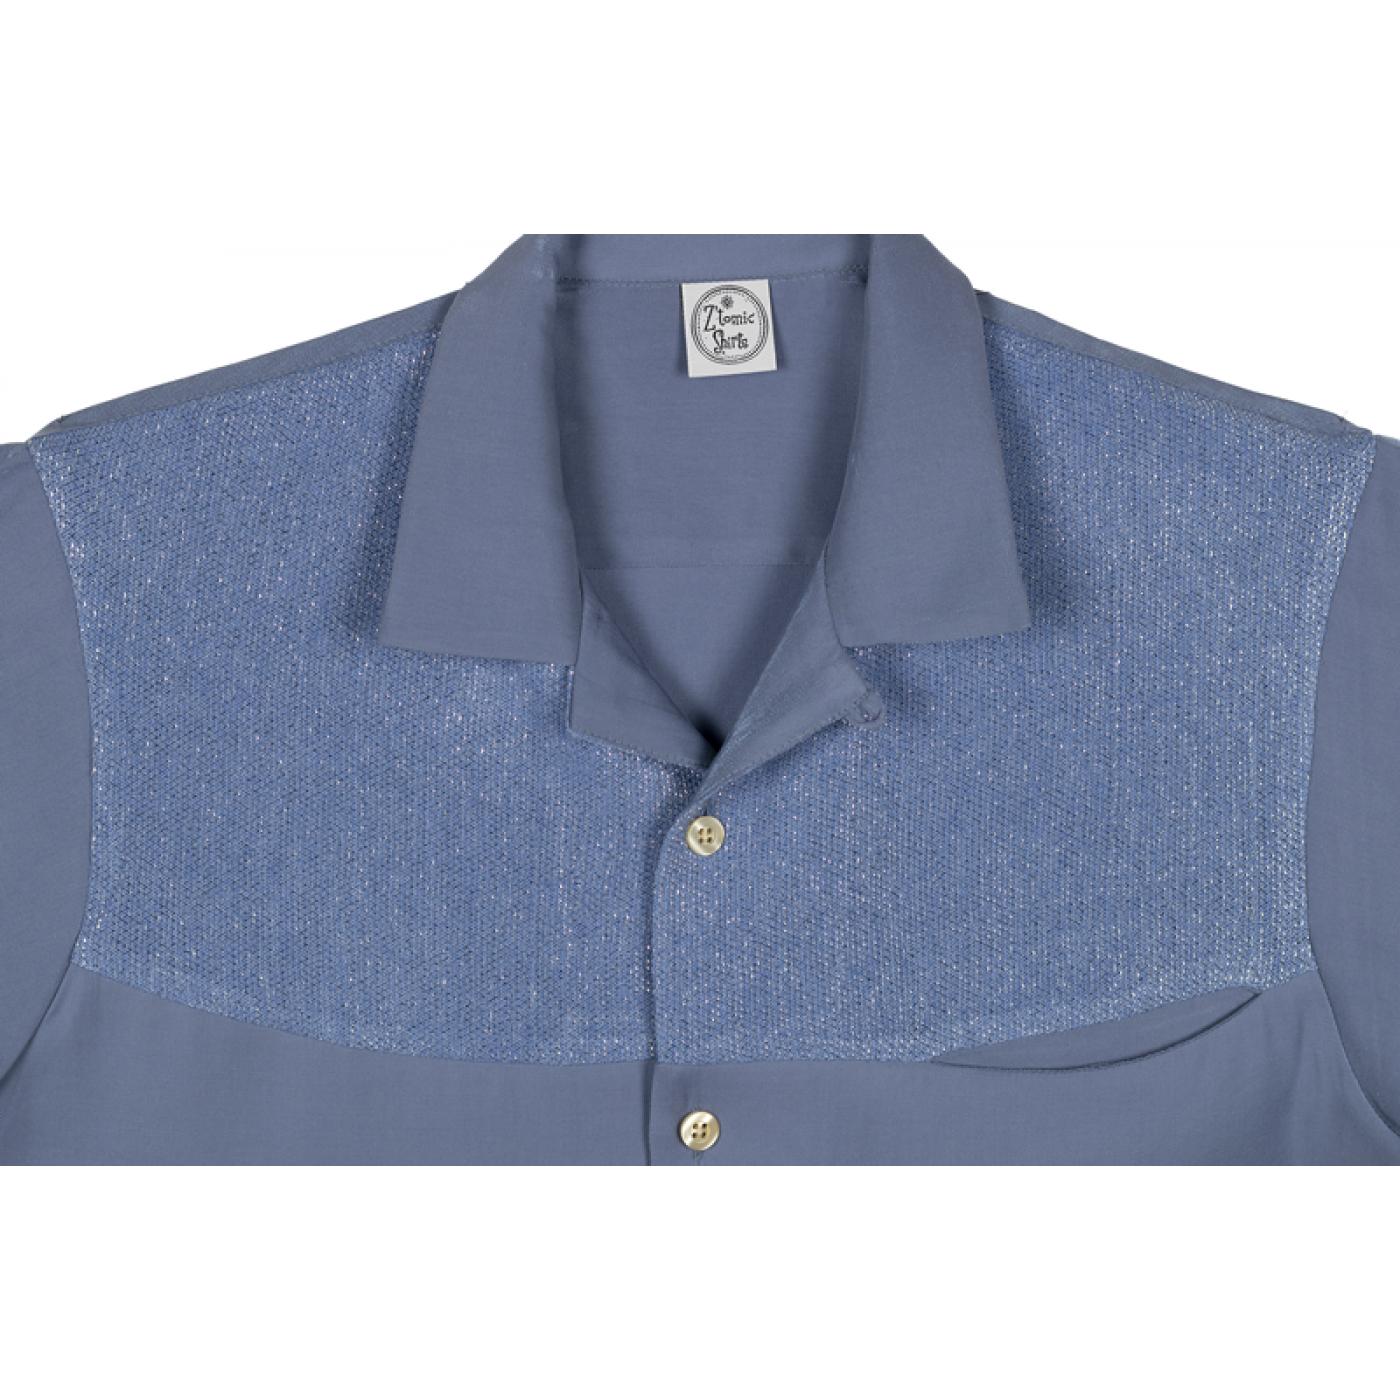 Gab Lurex Shirt